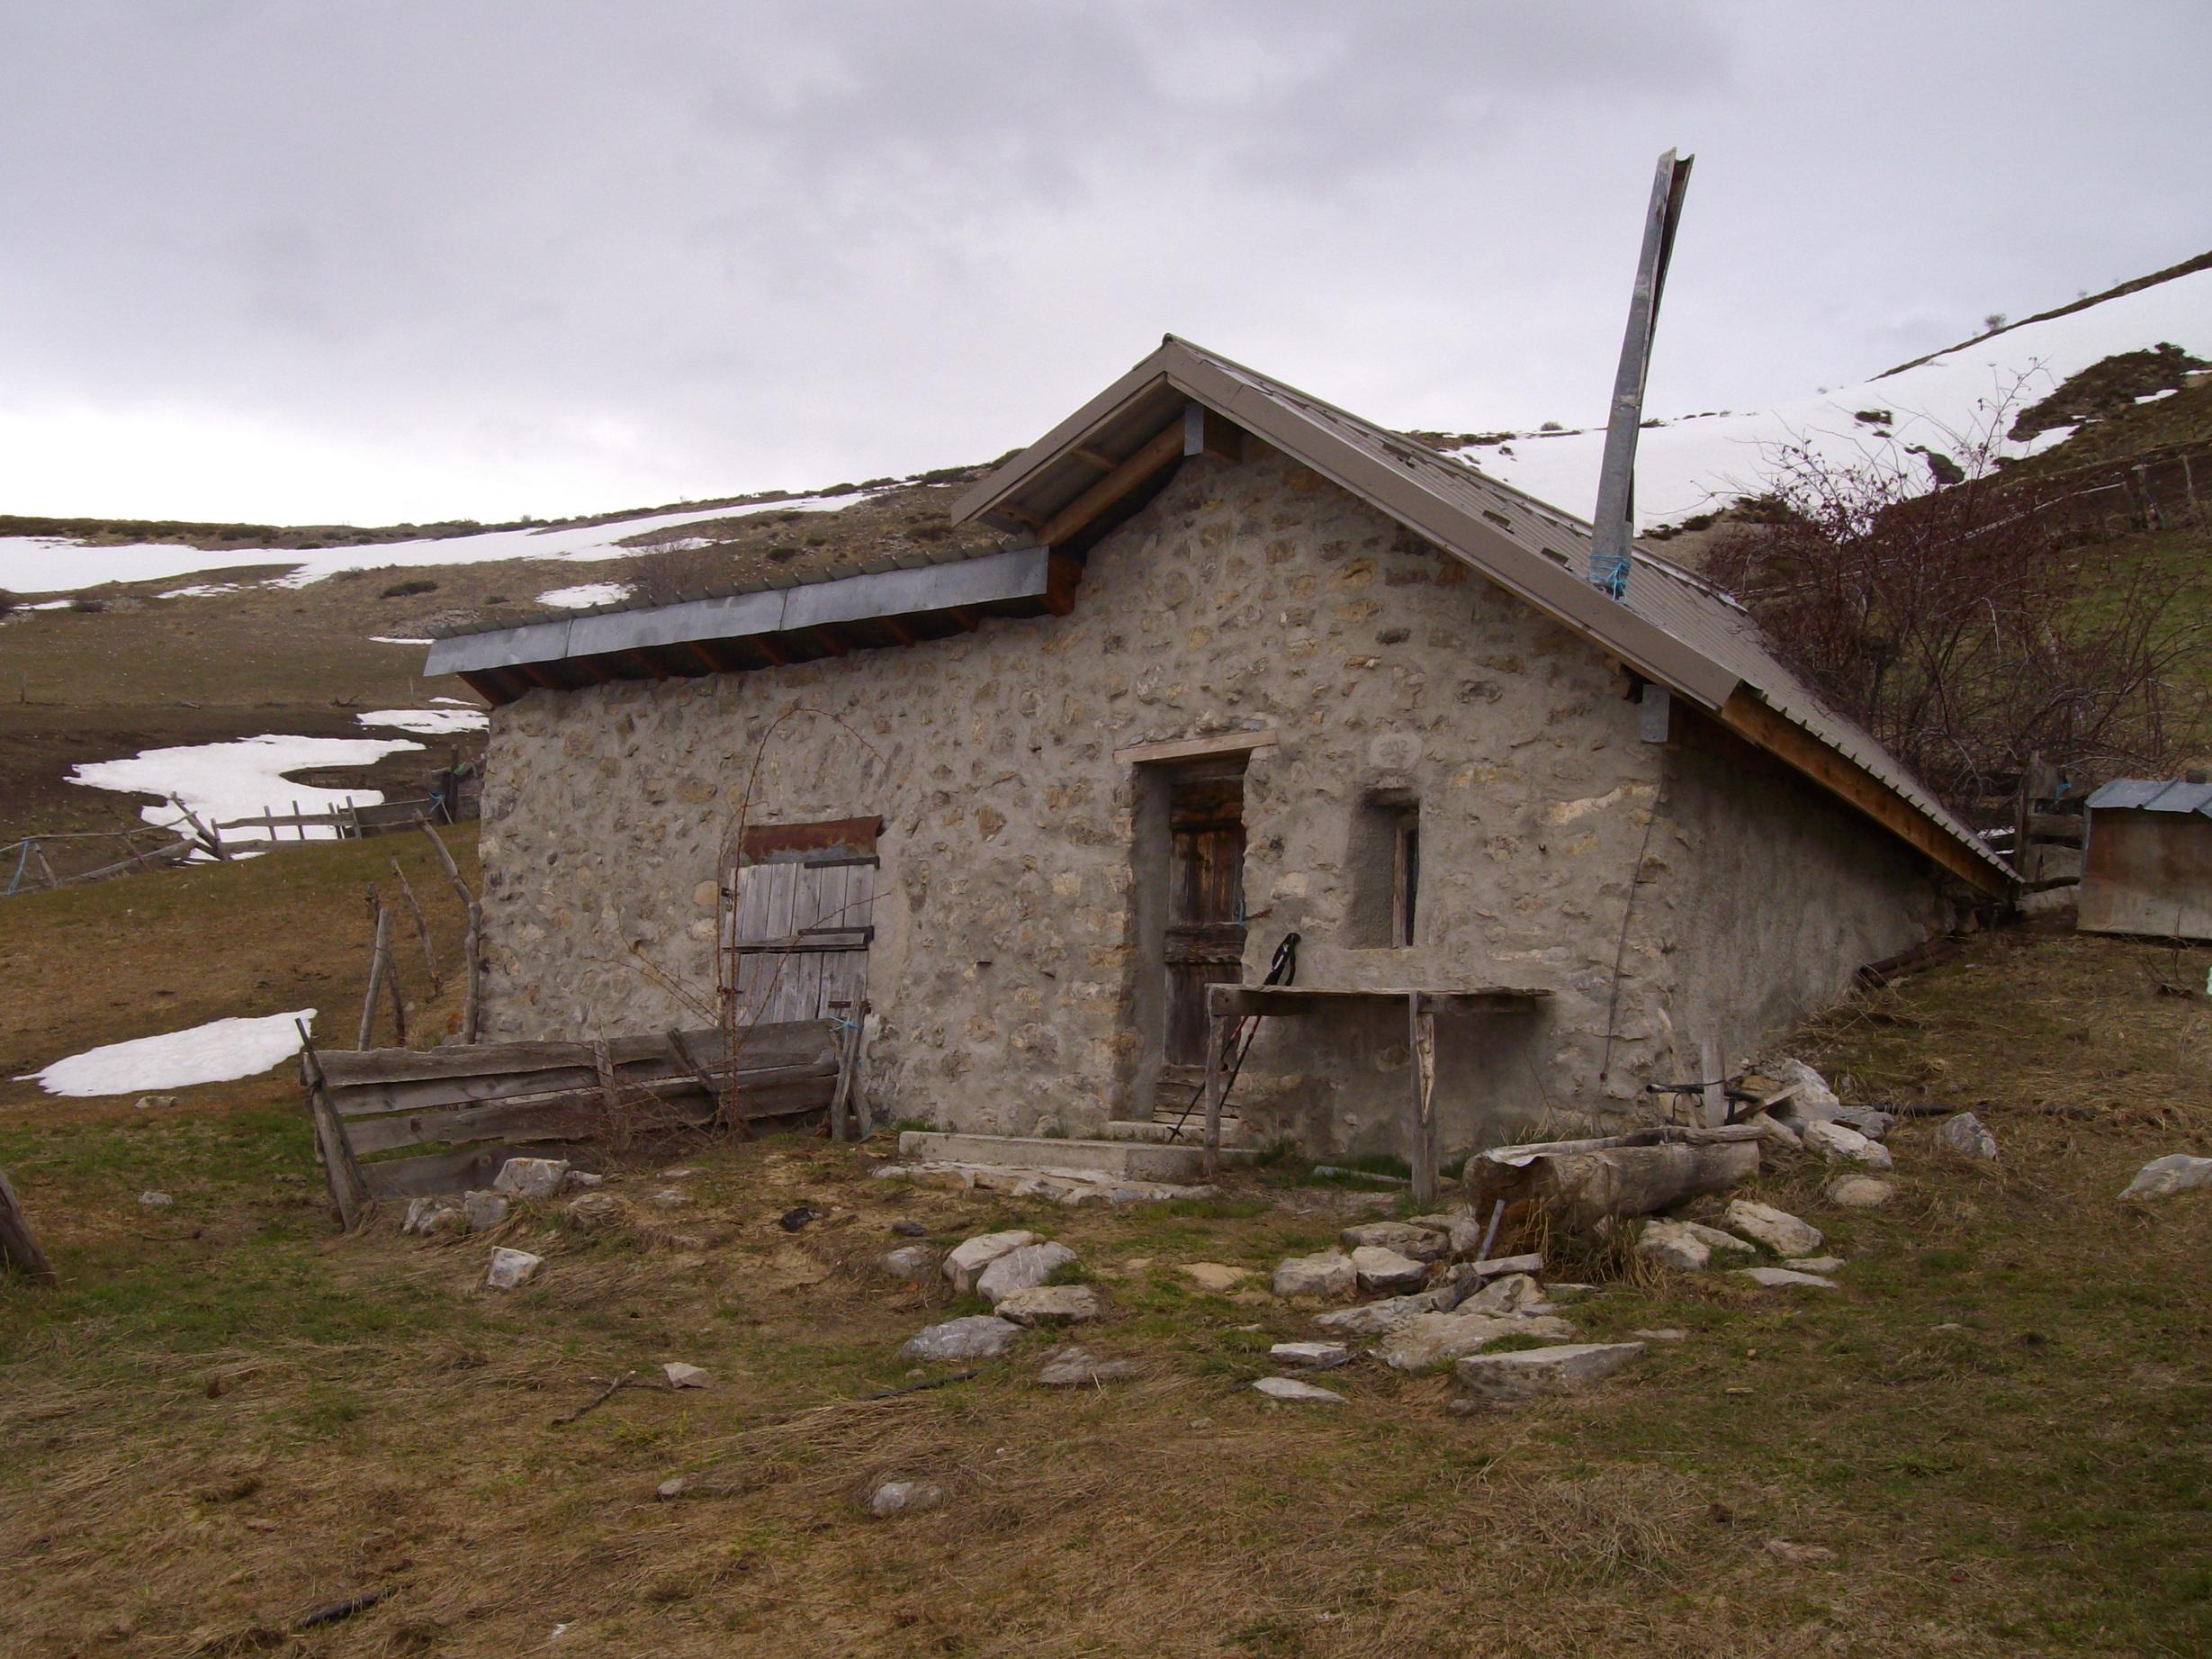 Cabane Des Pr S 1700 M Cabane Non Gard E